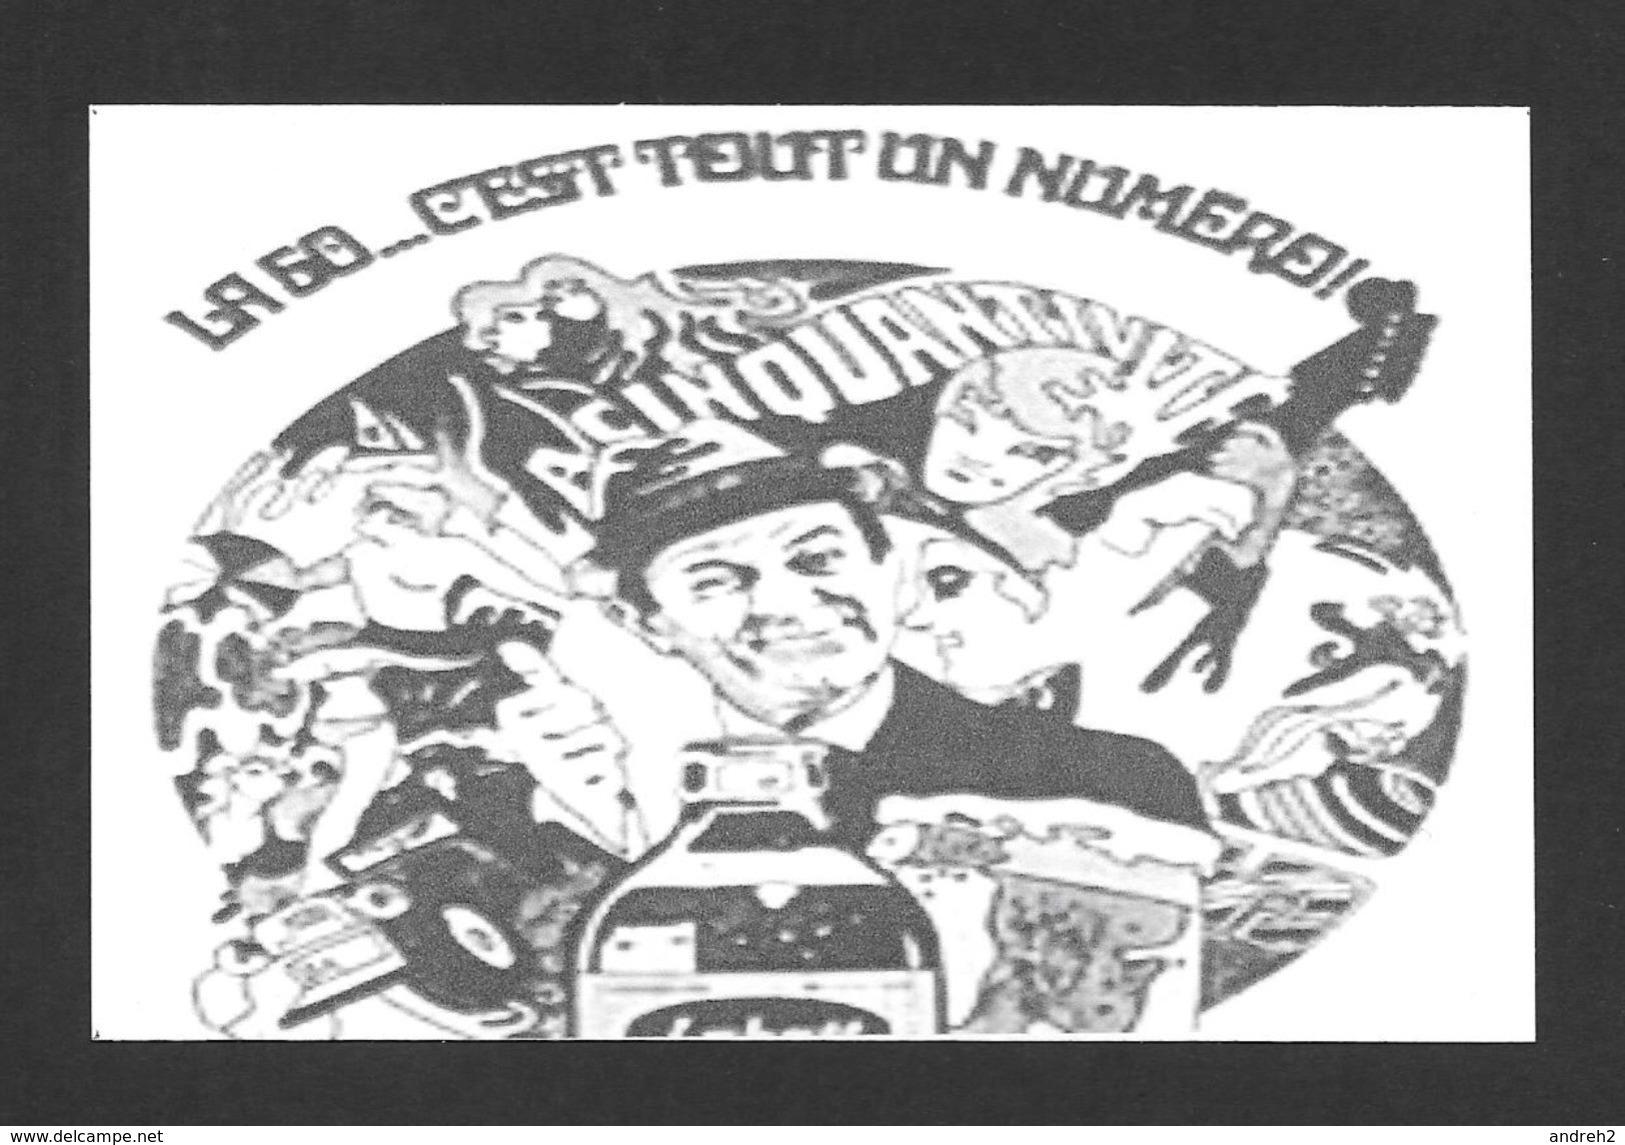 PUBLICITÉ - ADVERTISING - LABATT 50 - OLIVIER GUIMOND LUI Y CONNAIS ÇA - LA 50 C'EST TOUT UN NUMÉRO Y A RIEN QUI LABATT - Advertising